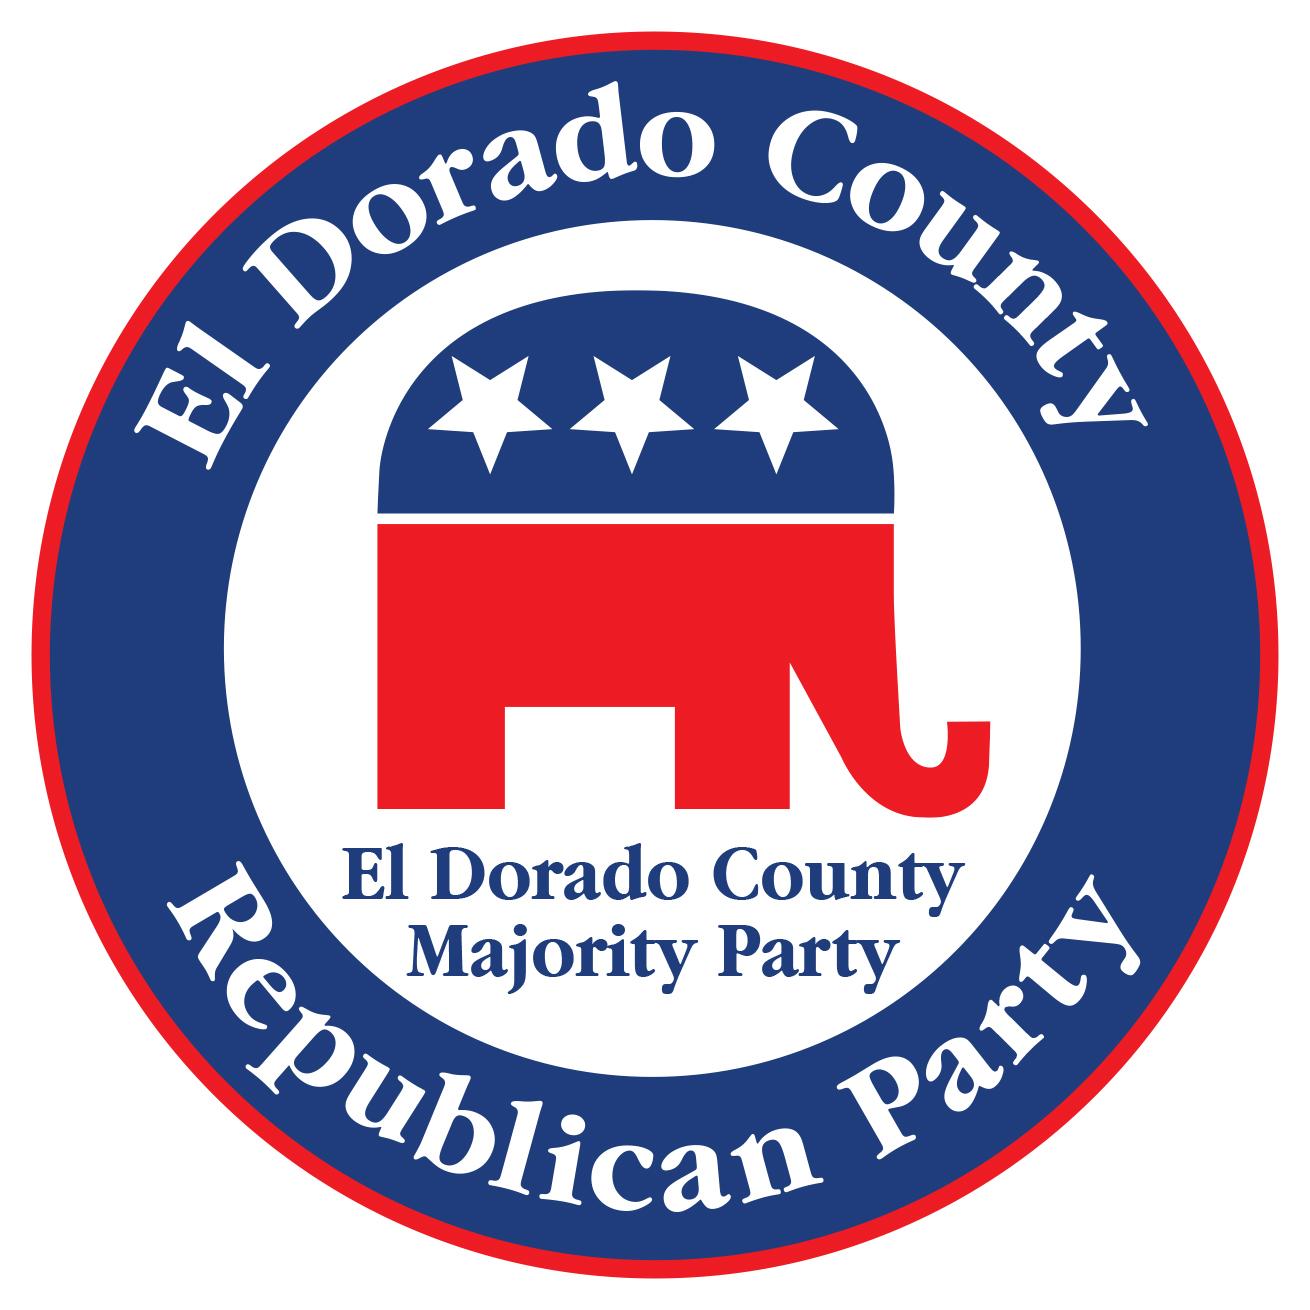 El Dorado County Republican Party